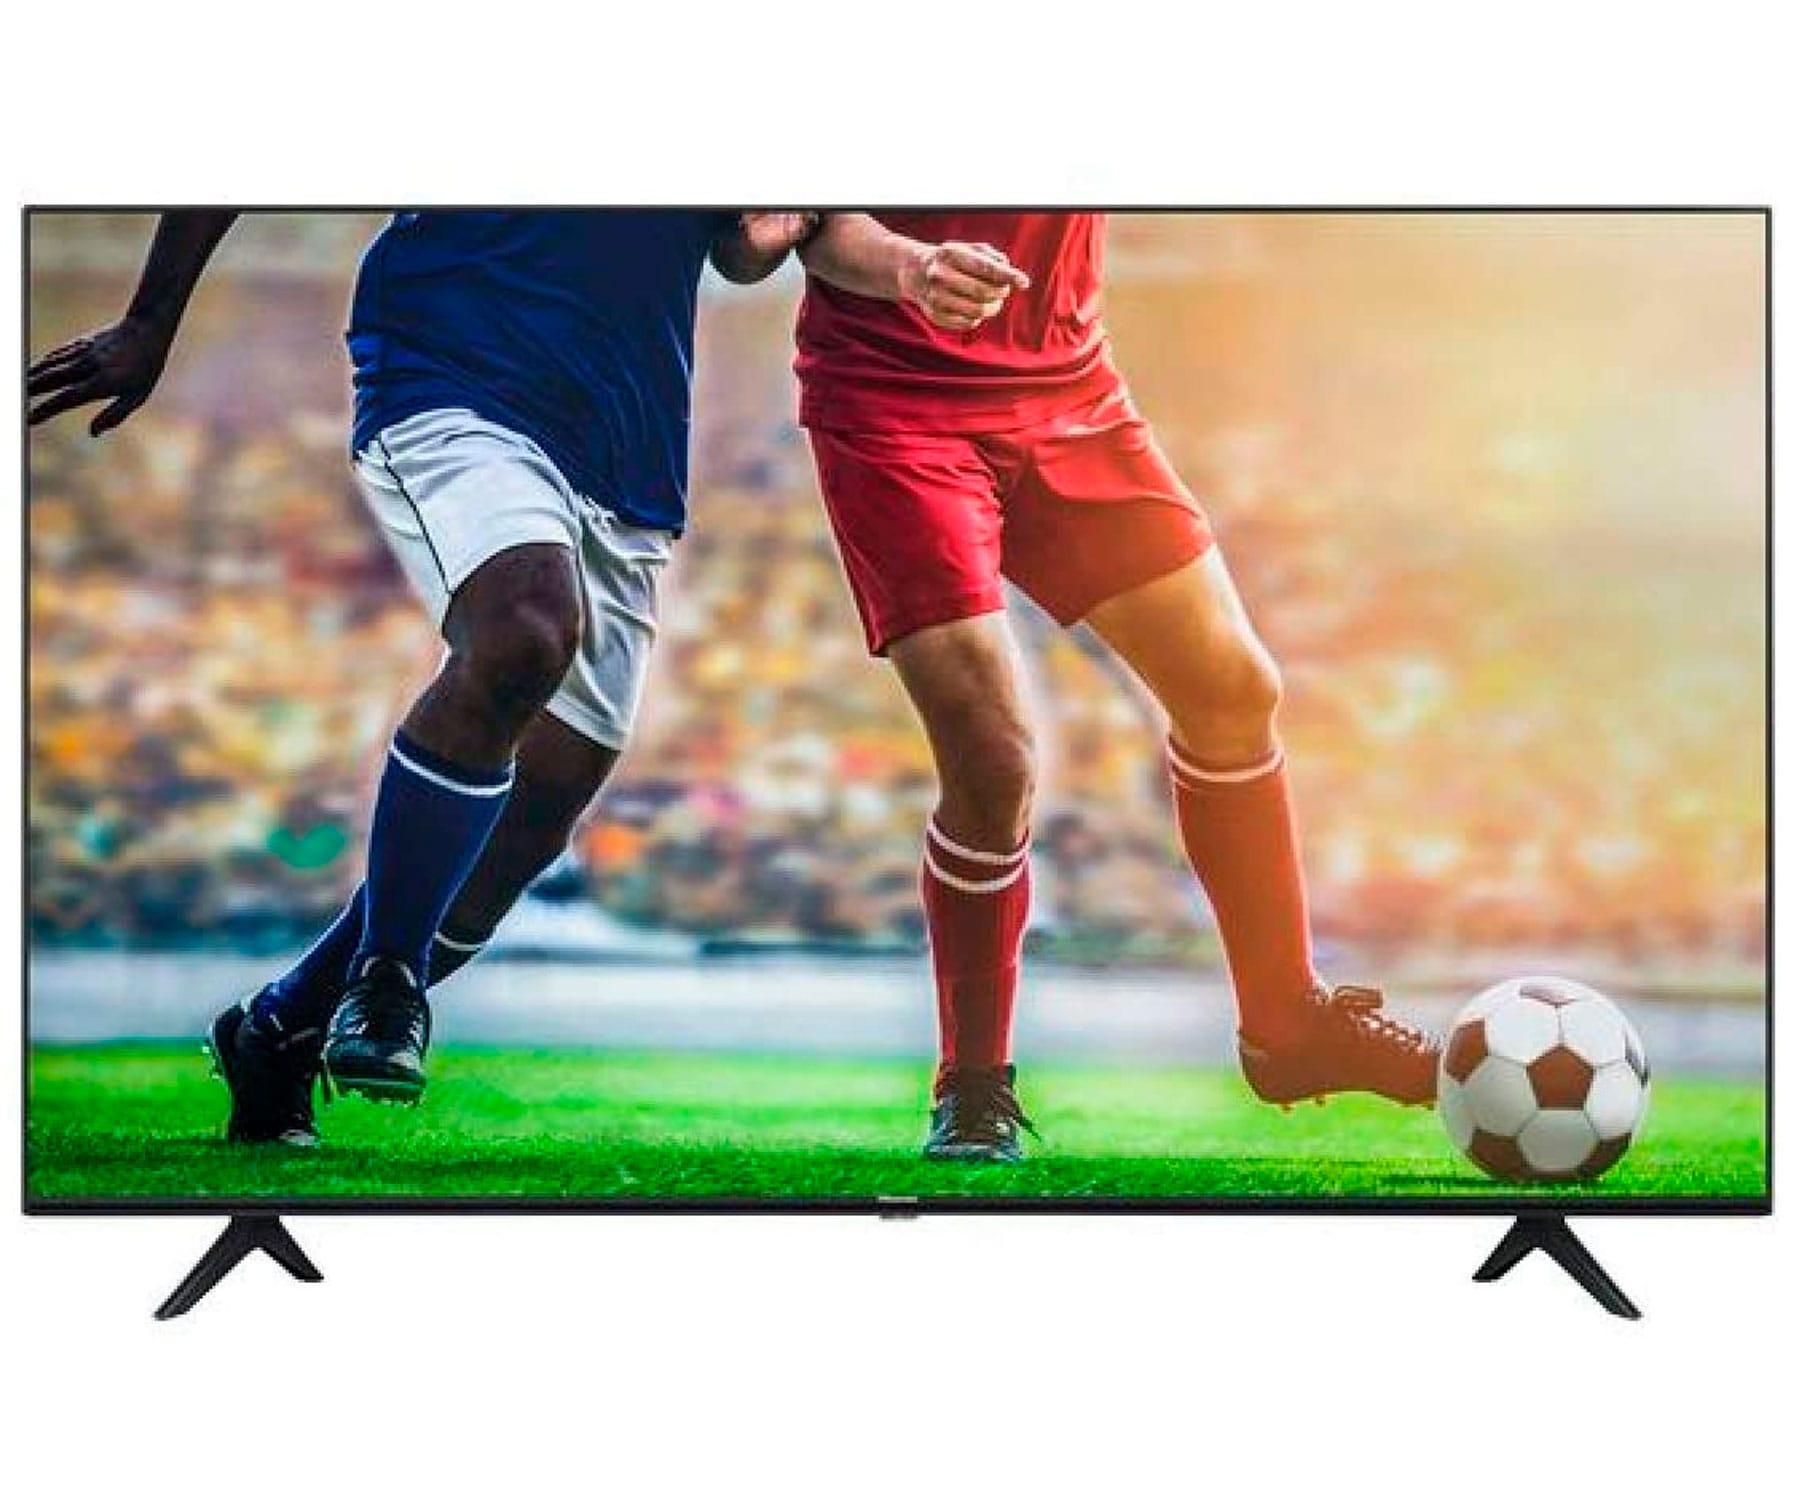 HISENSE H55A7100F TELEVISOR SMART TV 55'' UHD 4K HDR